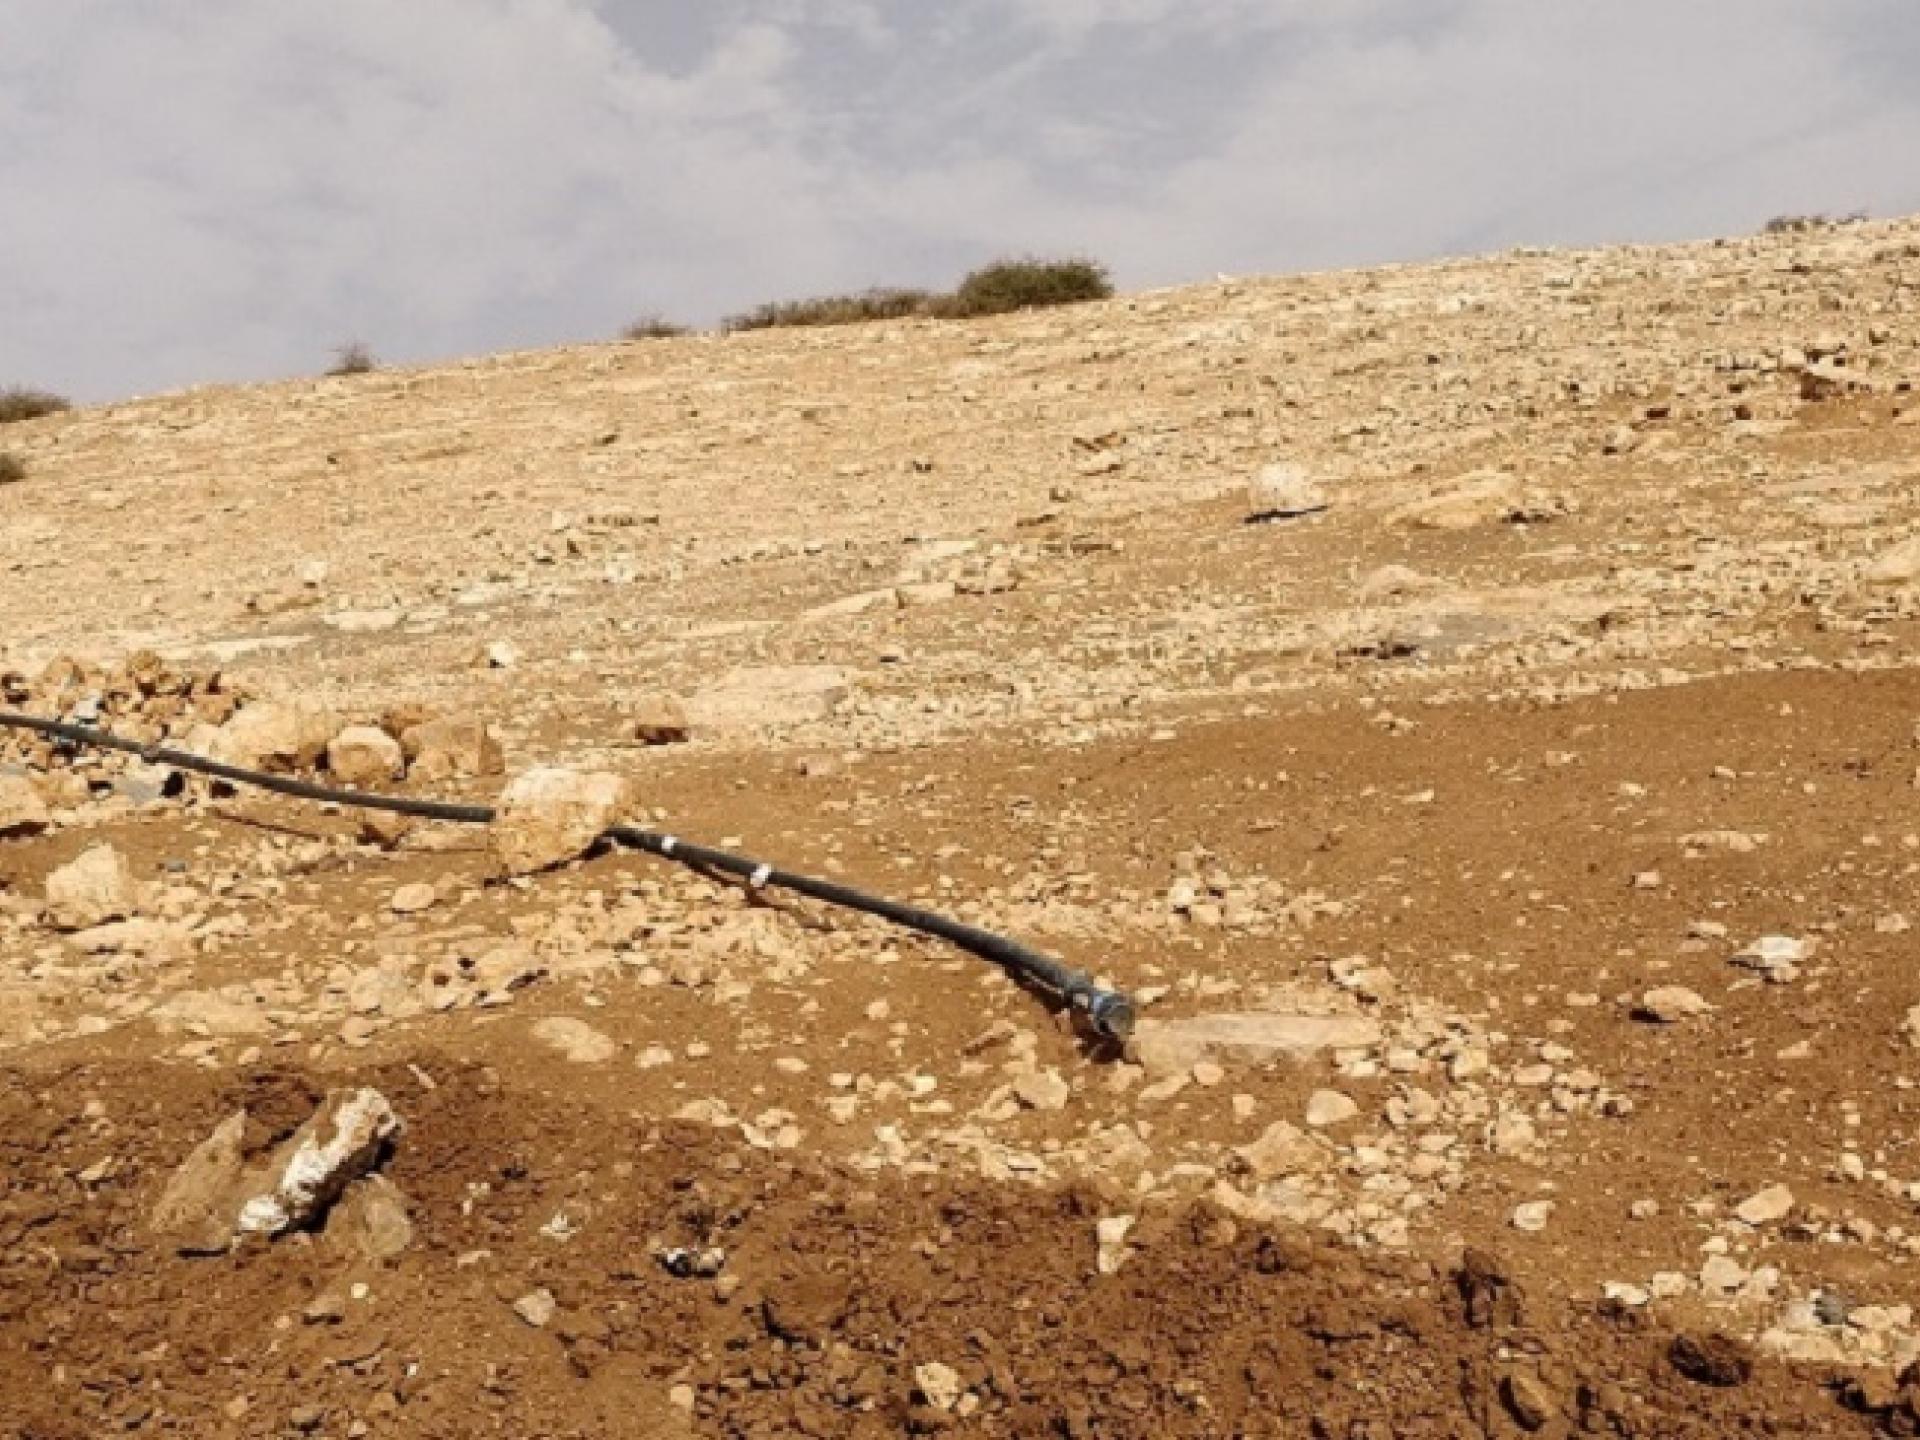 בקעת הירדן: הדרך החדשה שפרץ הצבא וצינורות ההשקייה שנחתכו